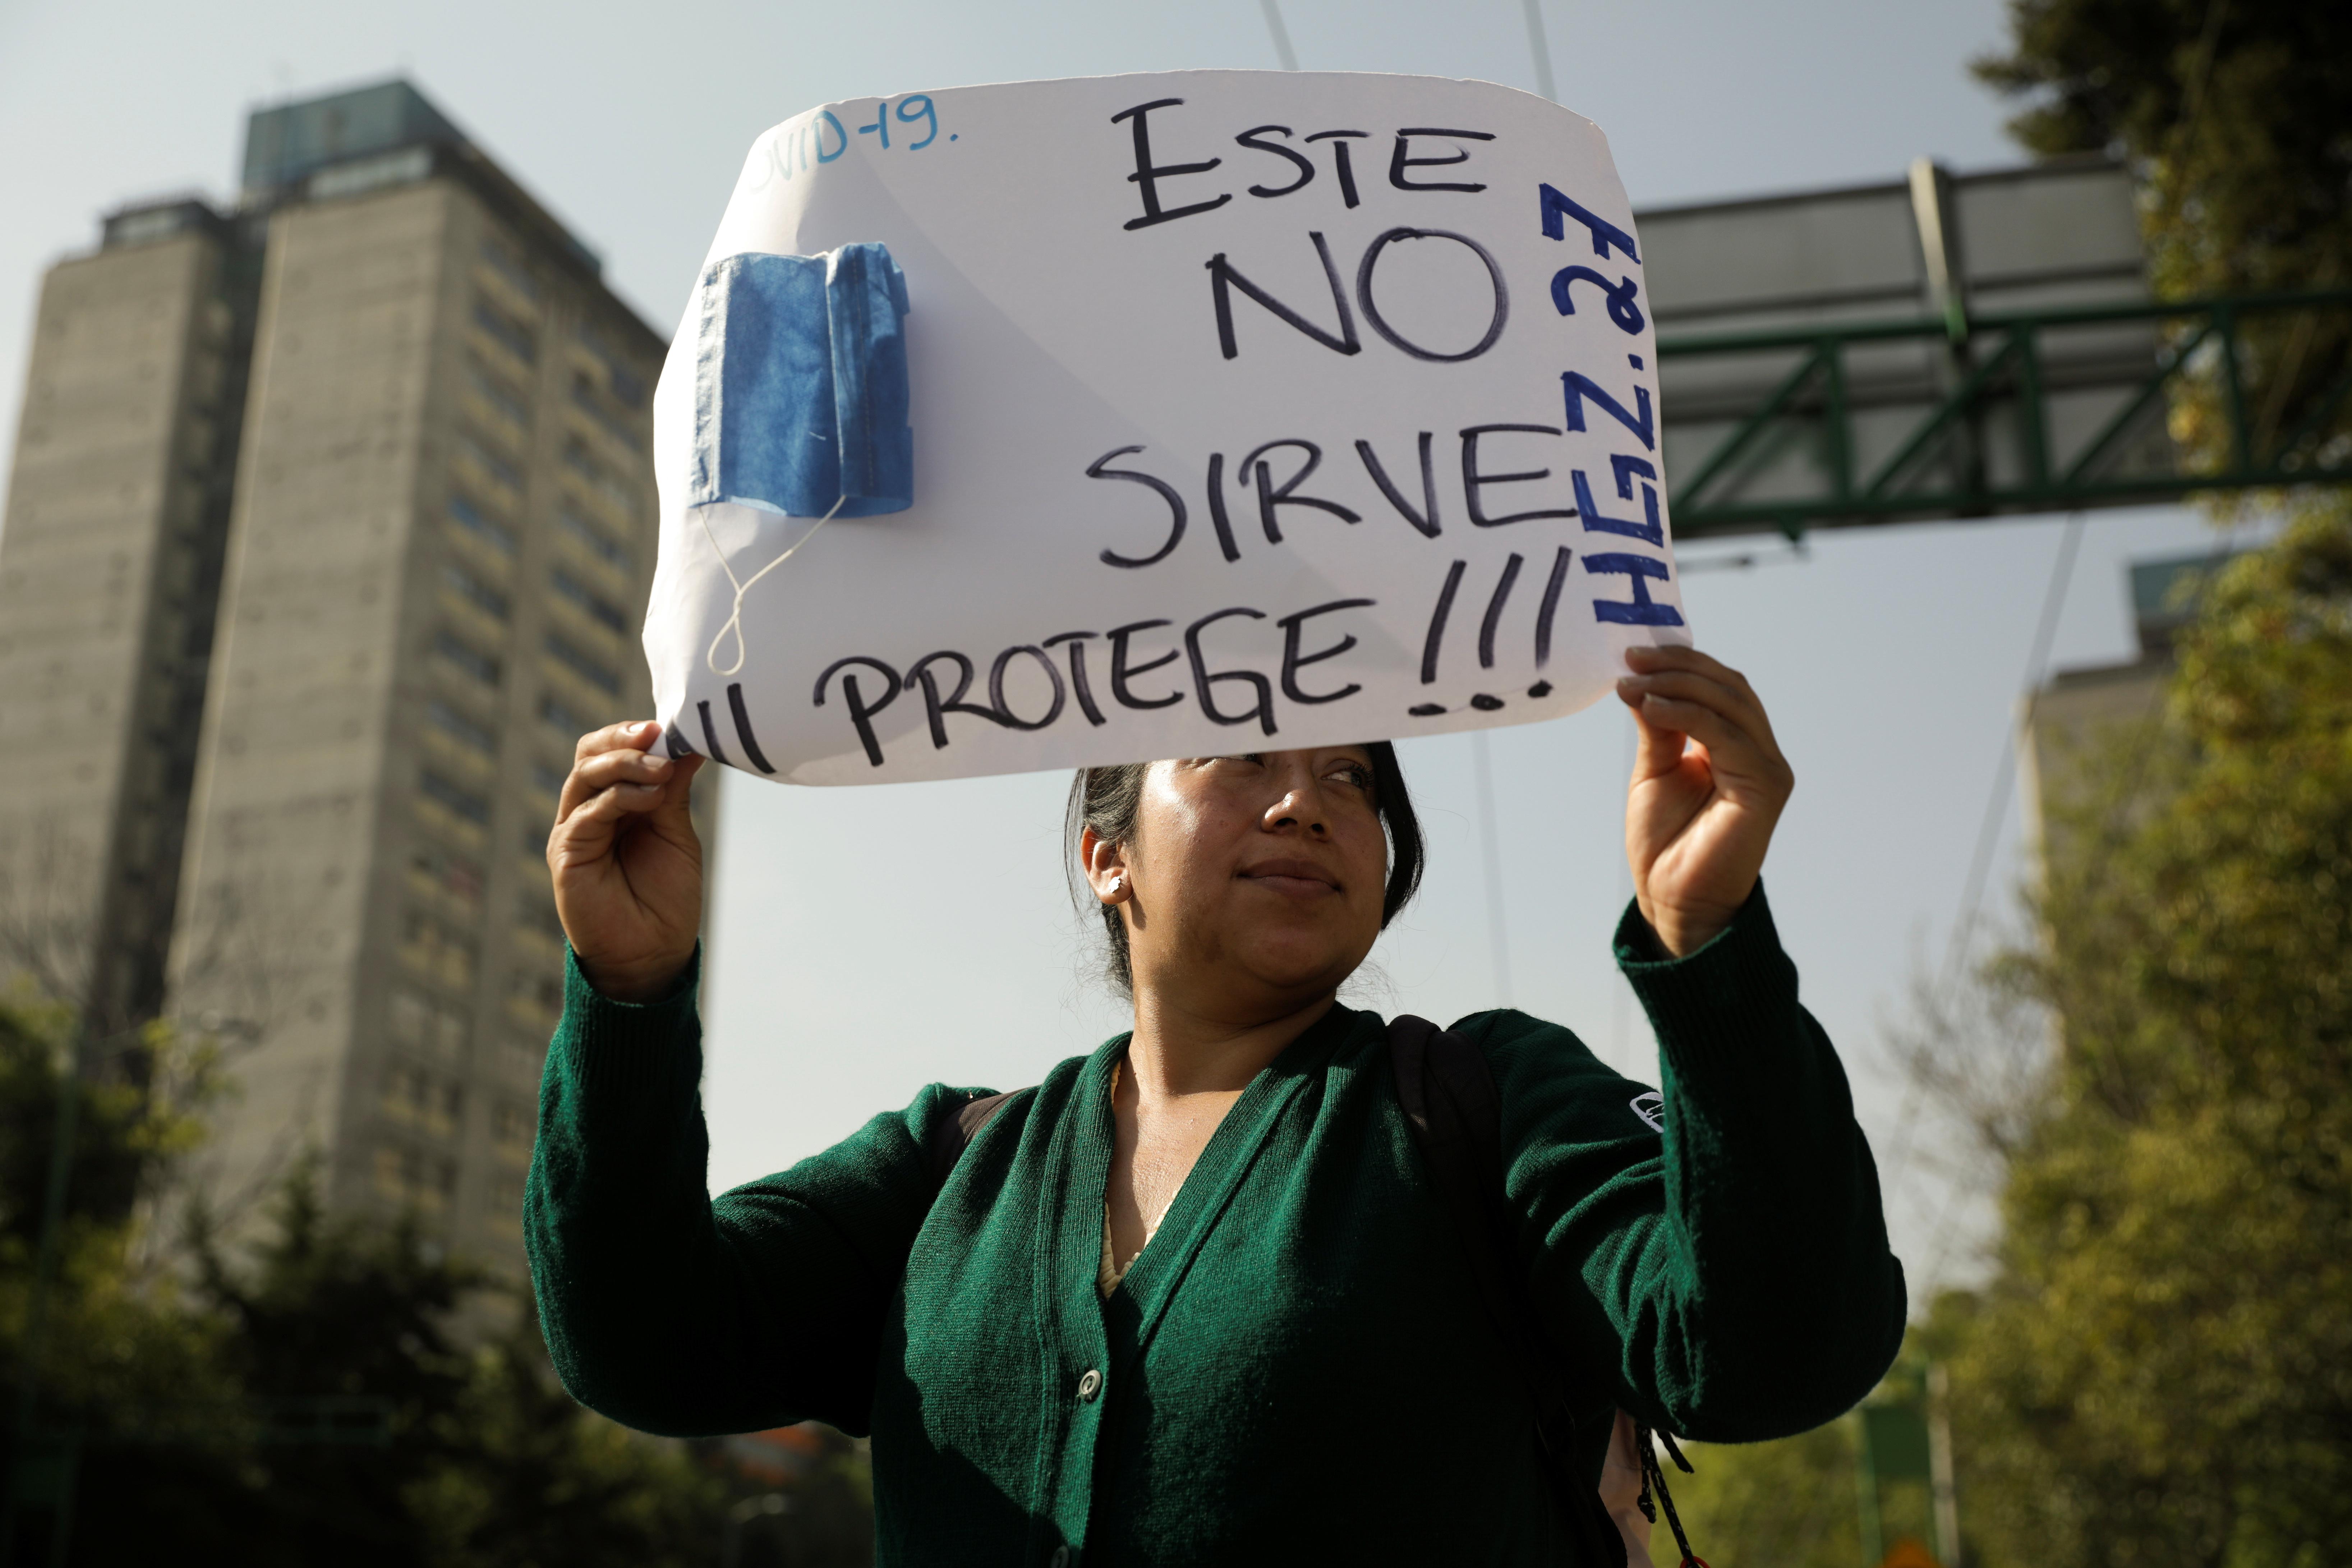 Un trabajador médico del Instituto Mexicano del Seguro Social (IMSS) protesta para exigir un mejor equipo de protección para tratar a los pacientes con enfermedad por coronavirus (COVID-19), en la Ciudad de México, México, el 31 de marzo de 2020. La pancarta dice: